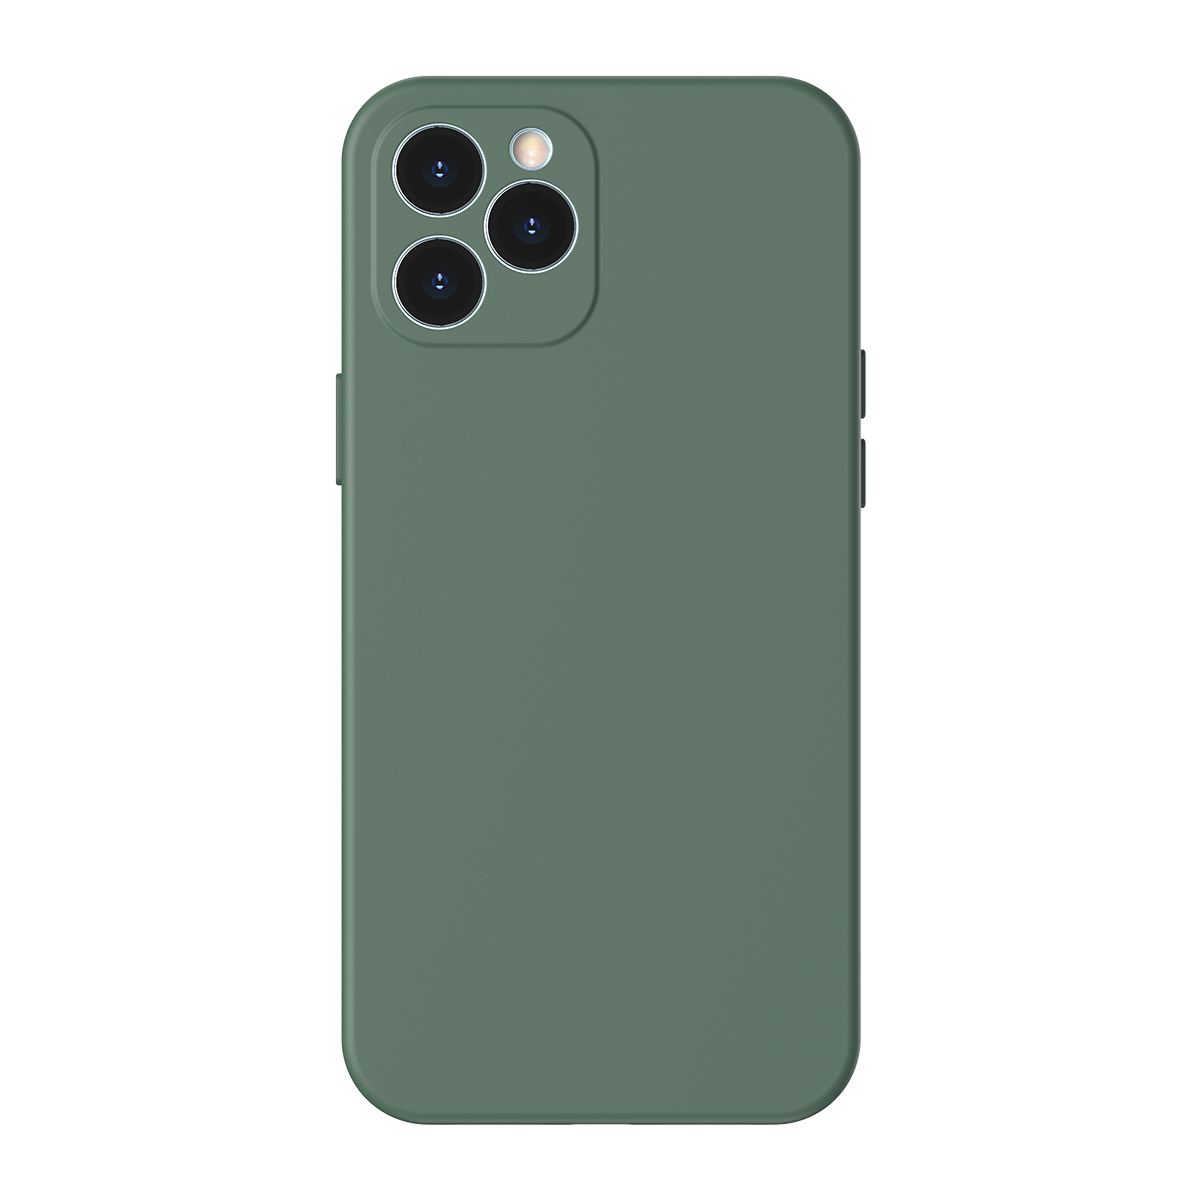 Husa pentru Apple iPhone 12 Pro, Baseus Protective Case, Silicon, Verde, 6.1 inch imagine